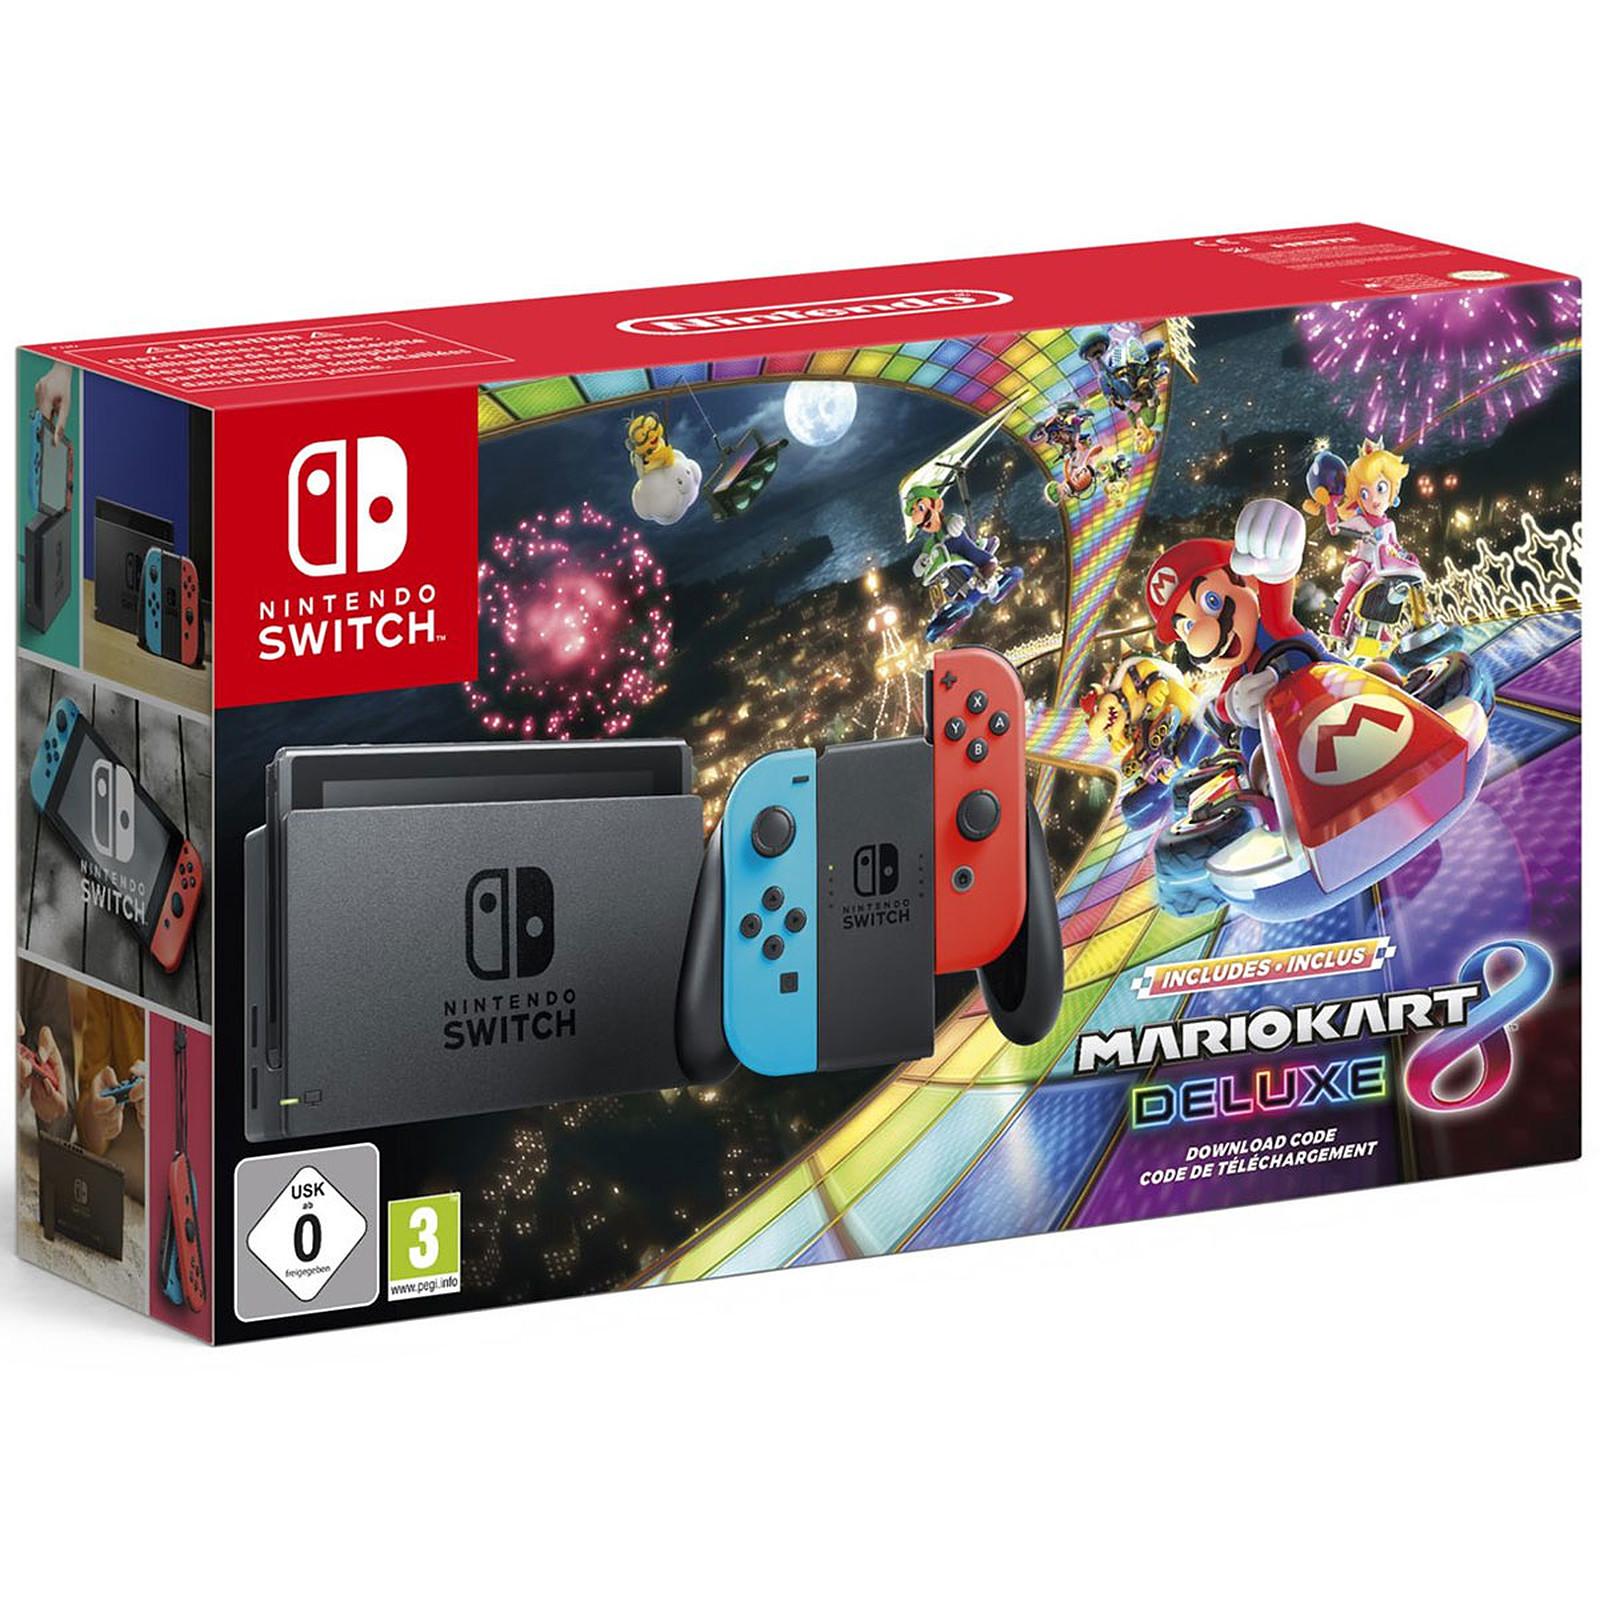 Nintendo Switch (Rouge/Bleu) + Mario Kart 8 Deluxe